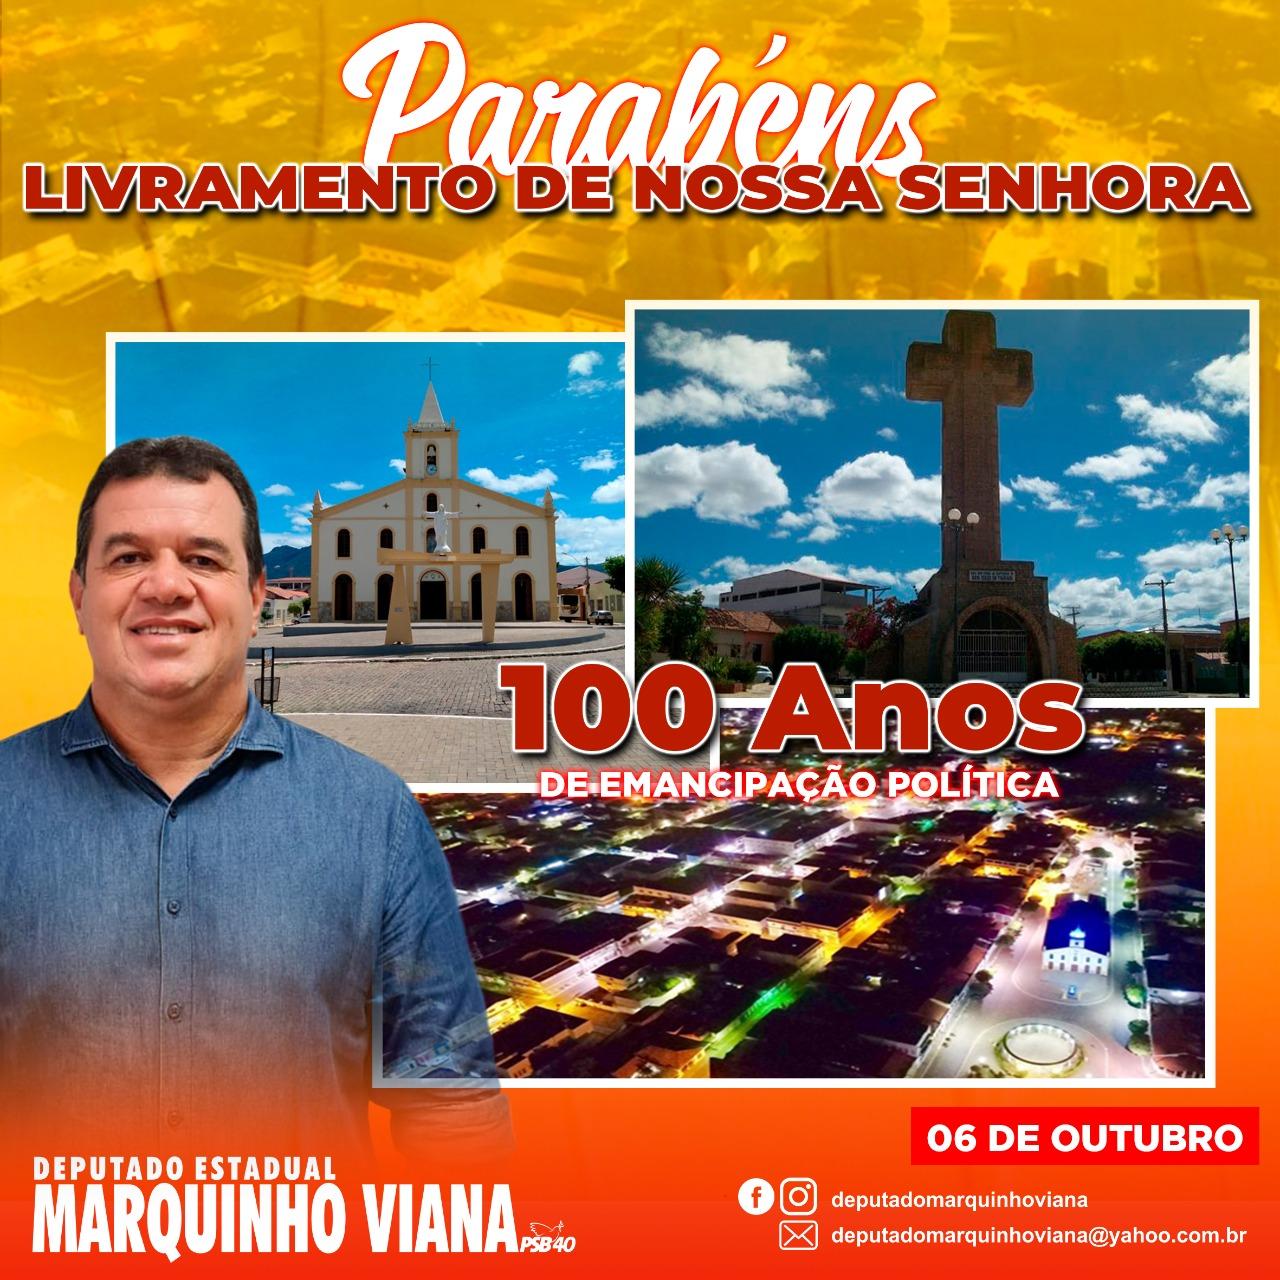 Deputado Marquinho Viana parabeniza Livramento pelos 100 anos de emancipação política